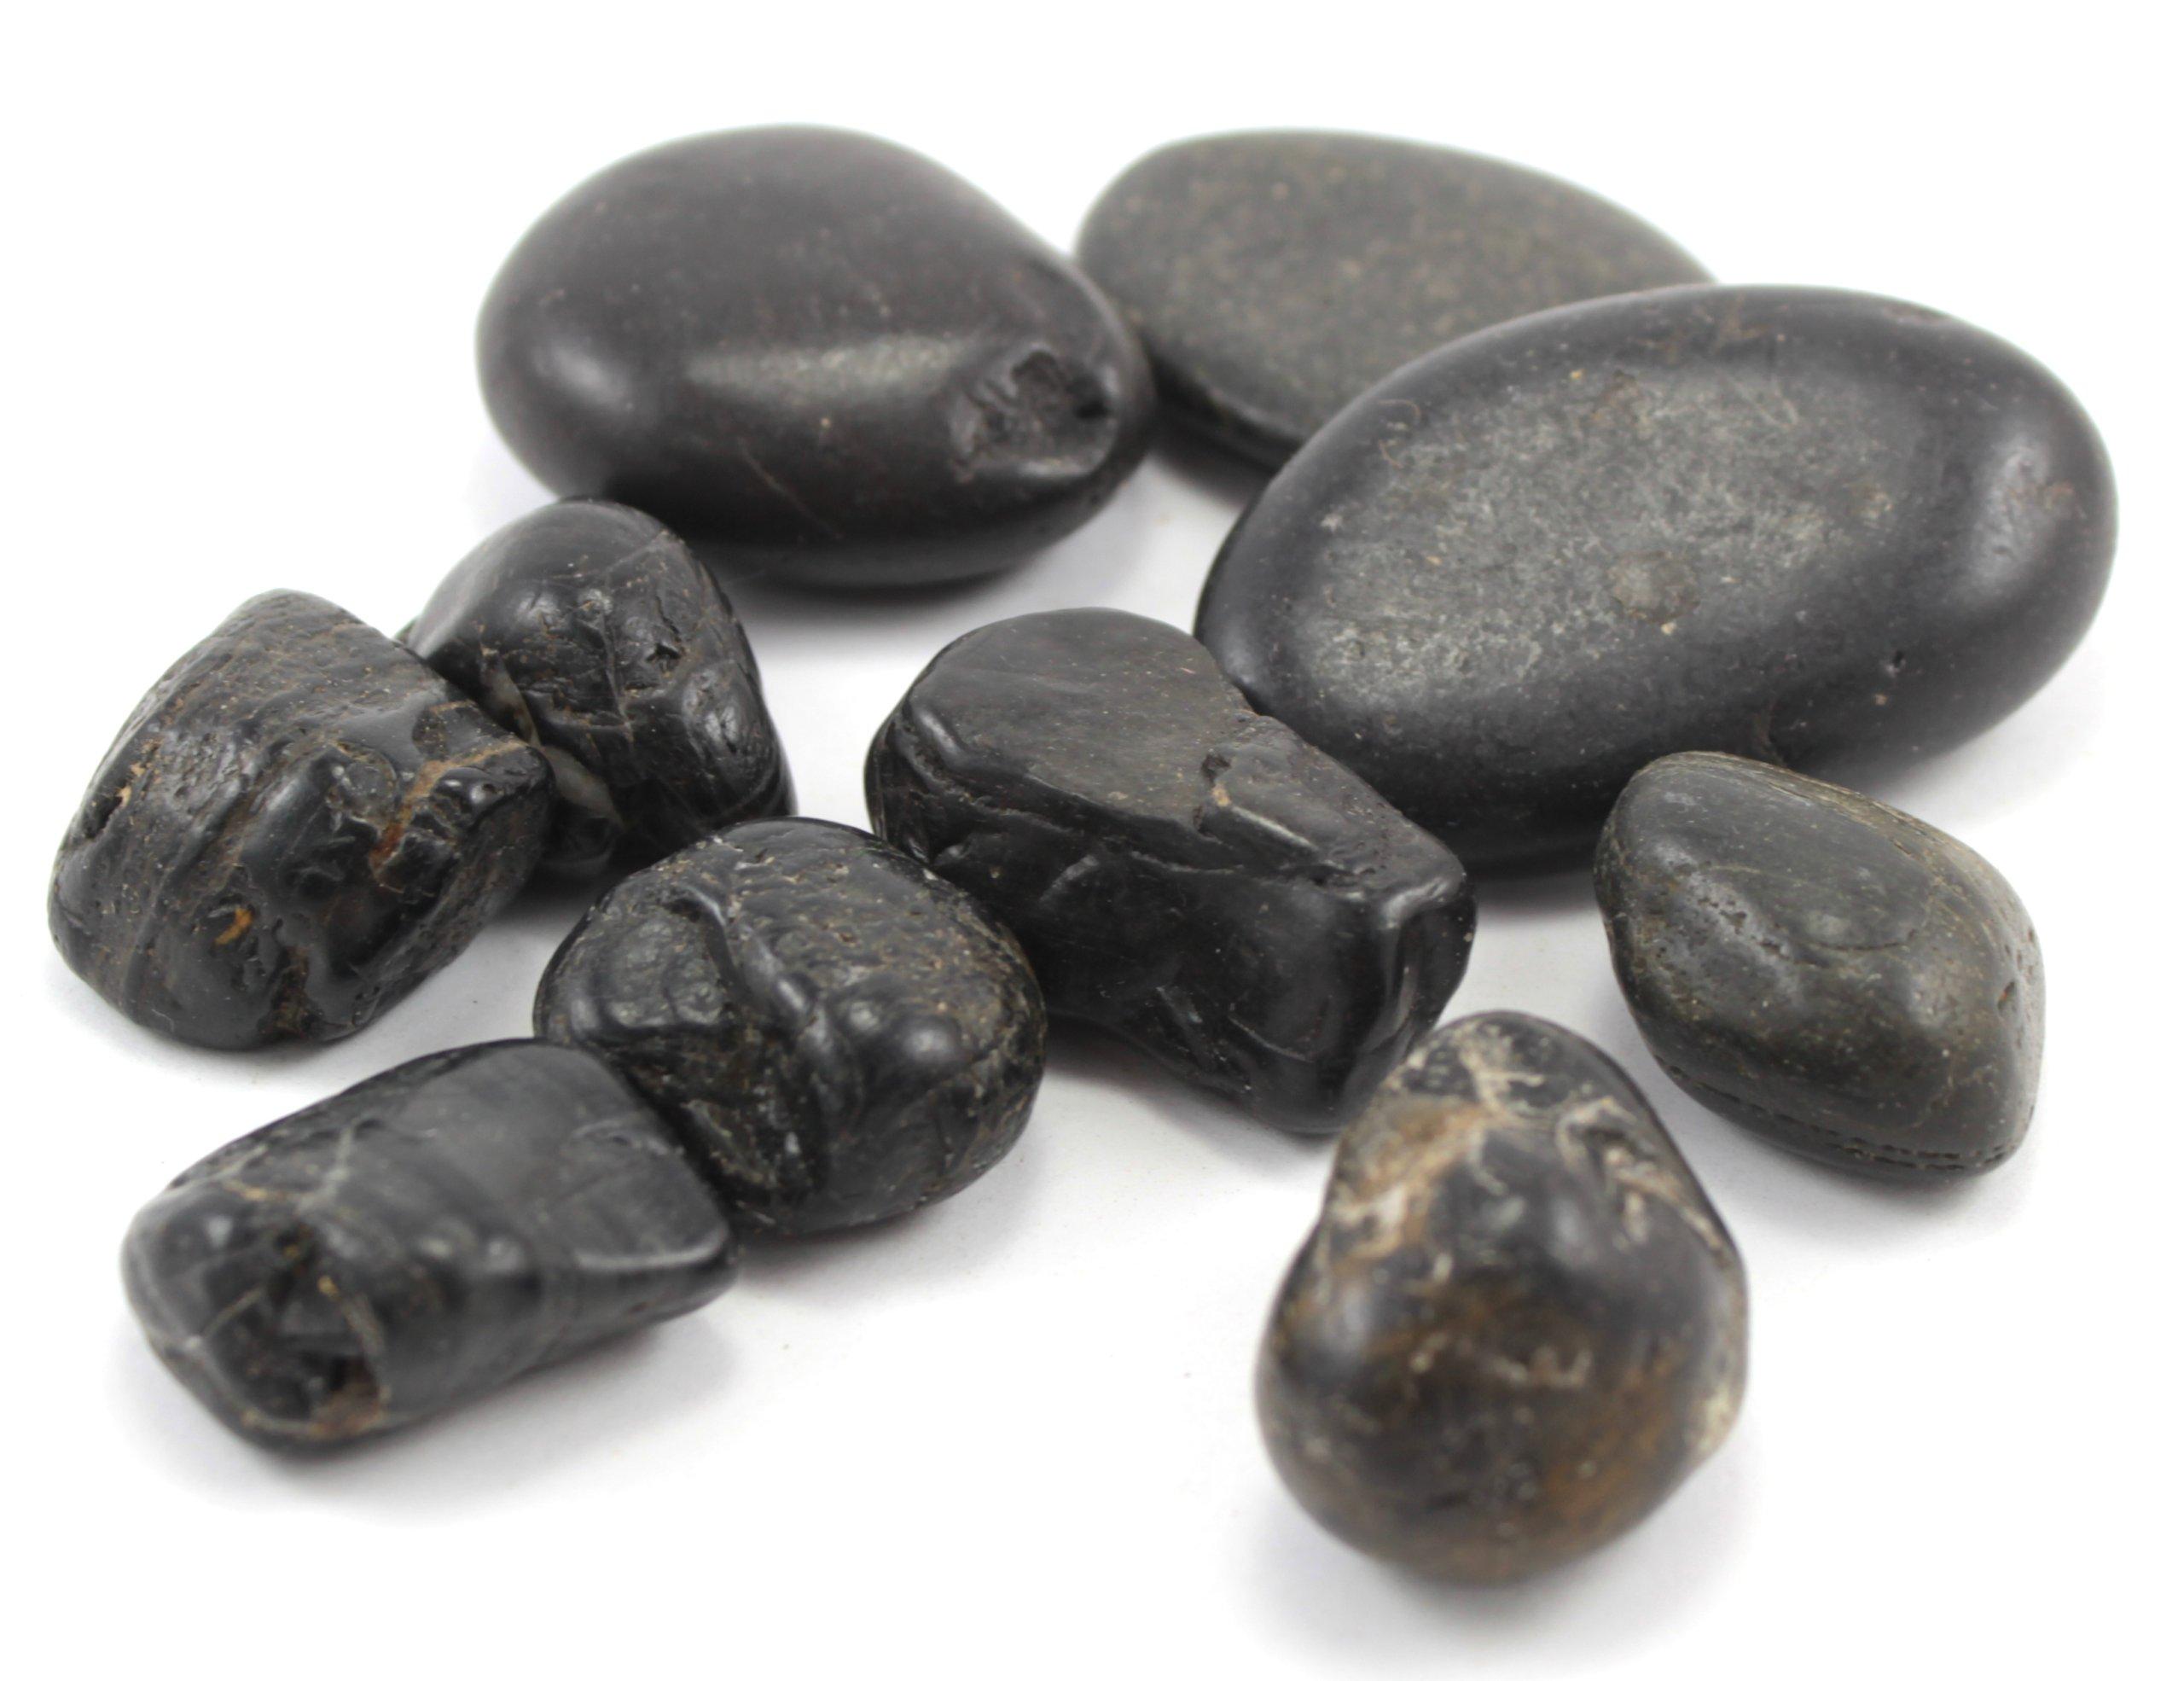 Kamienie czarne otoczaki 2-4cm 10szt #REPTILiTY